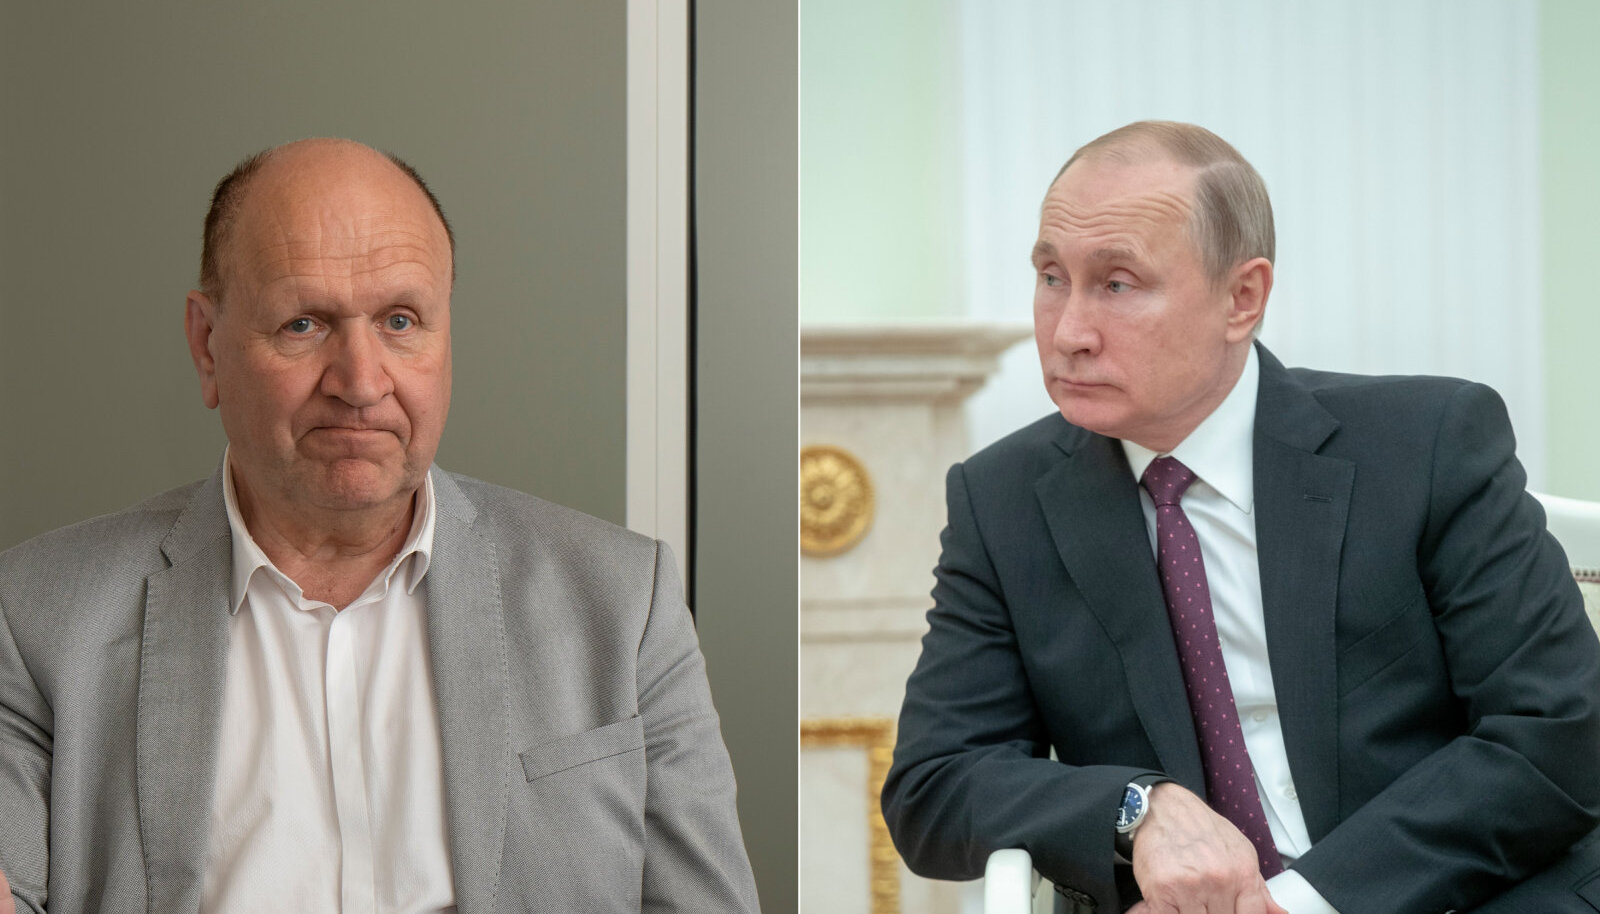 Хельме и Путин - яркие политики современности